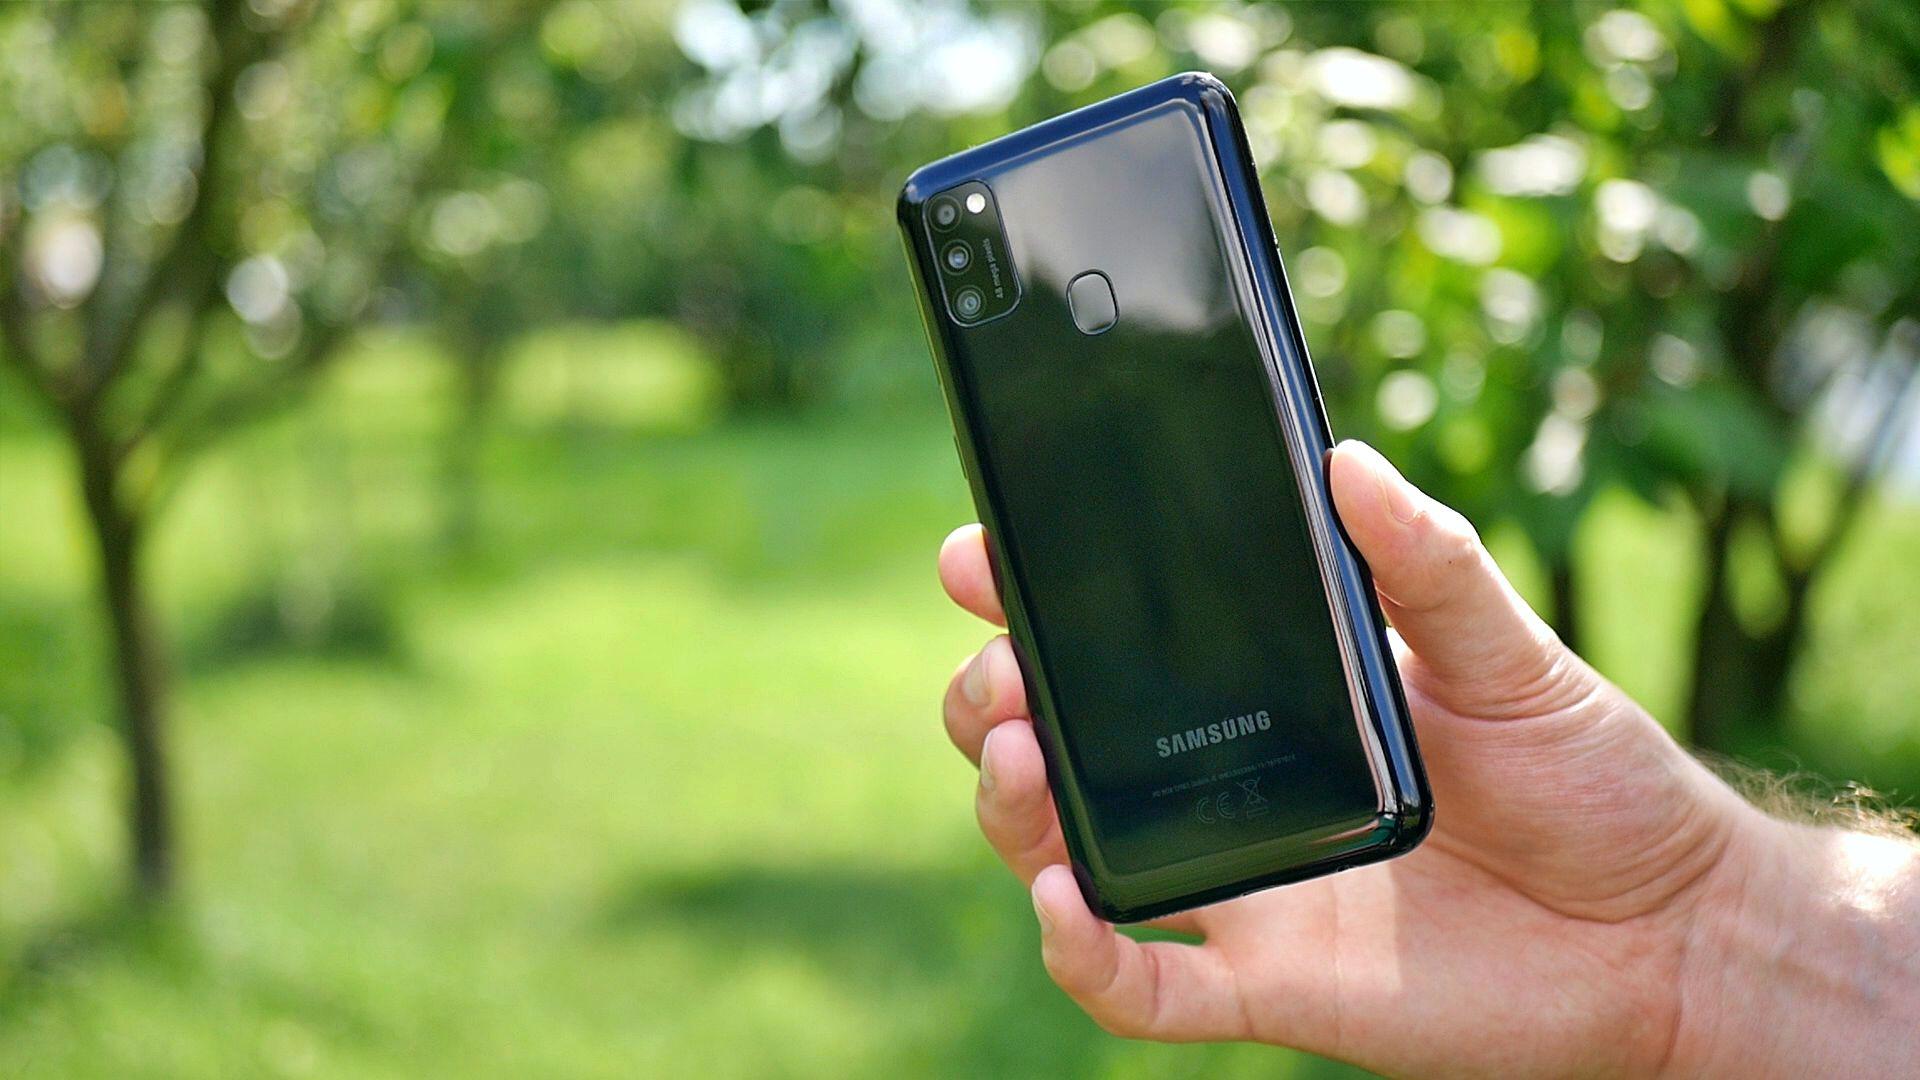 Samsung Galaxy M21 / fot. Kacper Żarski (Kapsologicznie.pl)